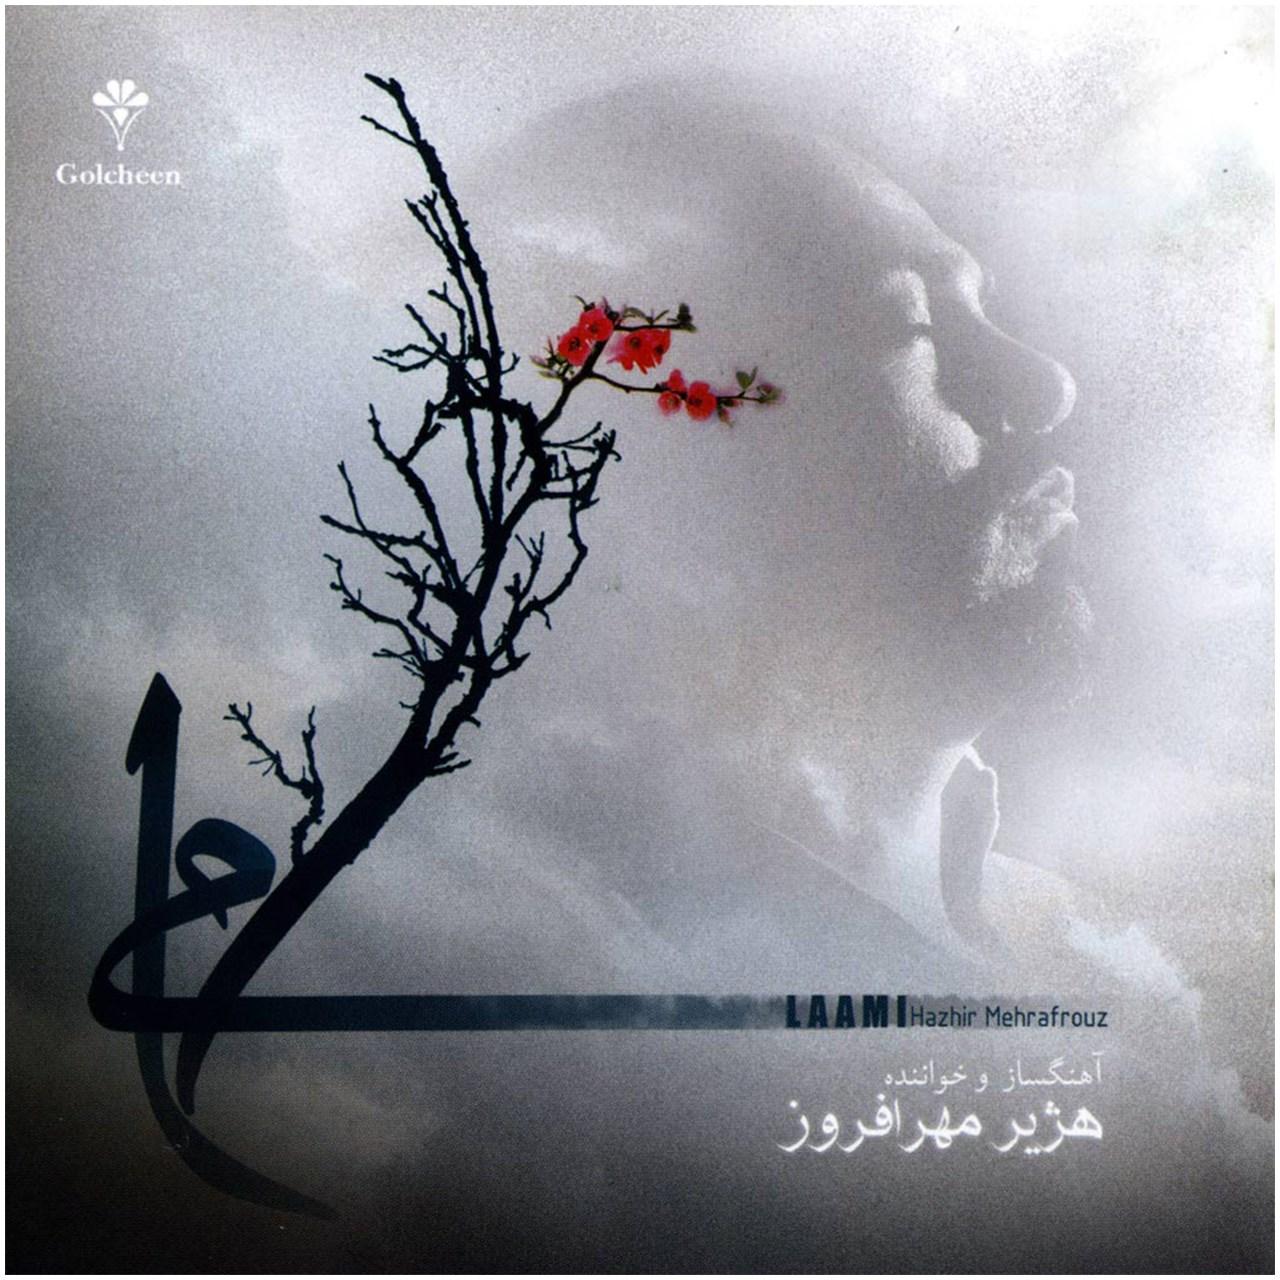 آلبوم موسیقی لامی اثر هژیر مهرافروز